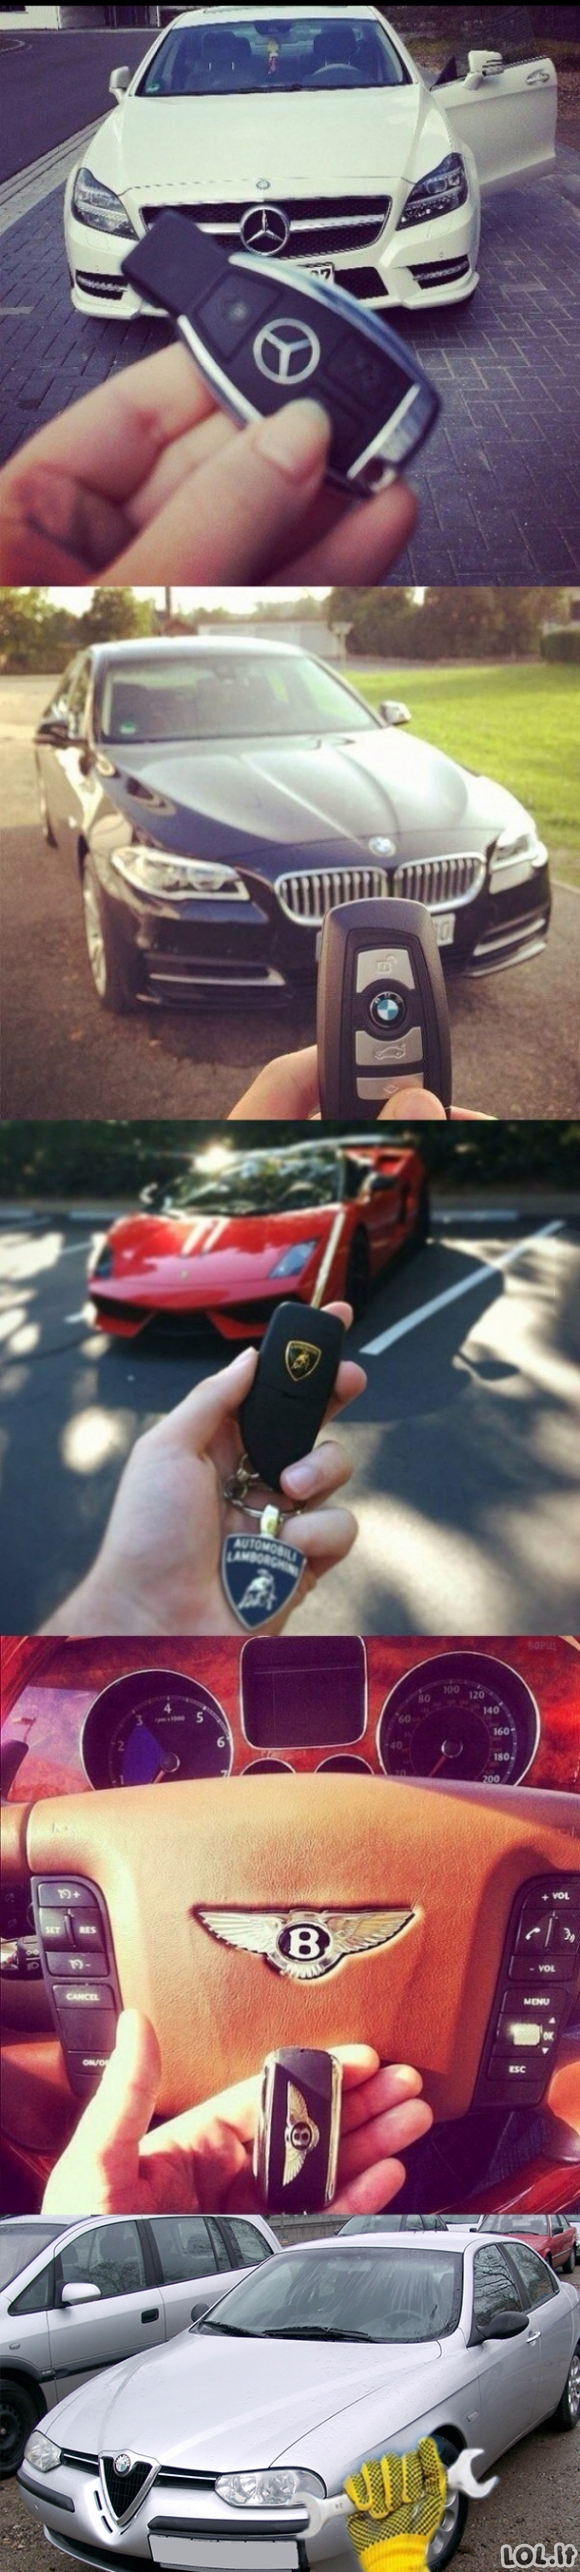 Skirtingų automobilių rakteliai